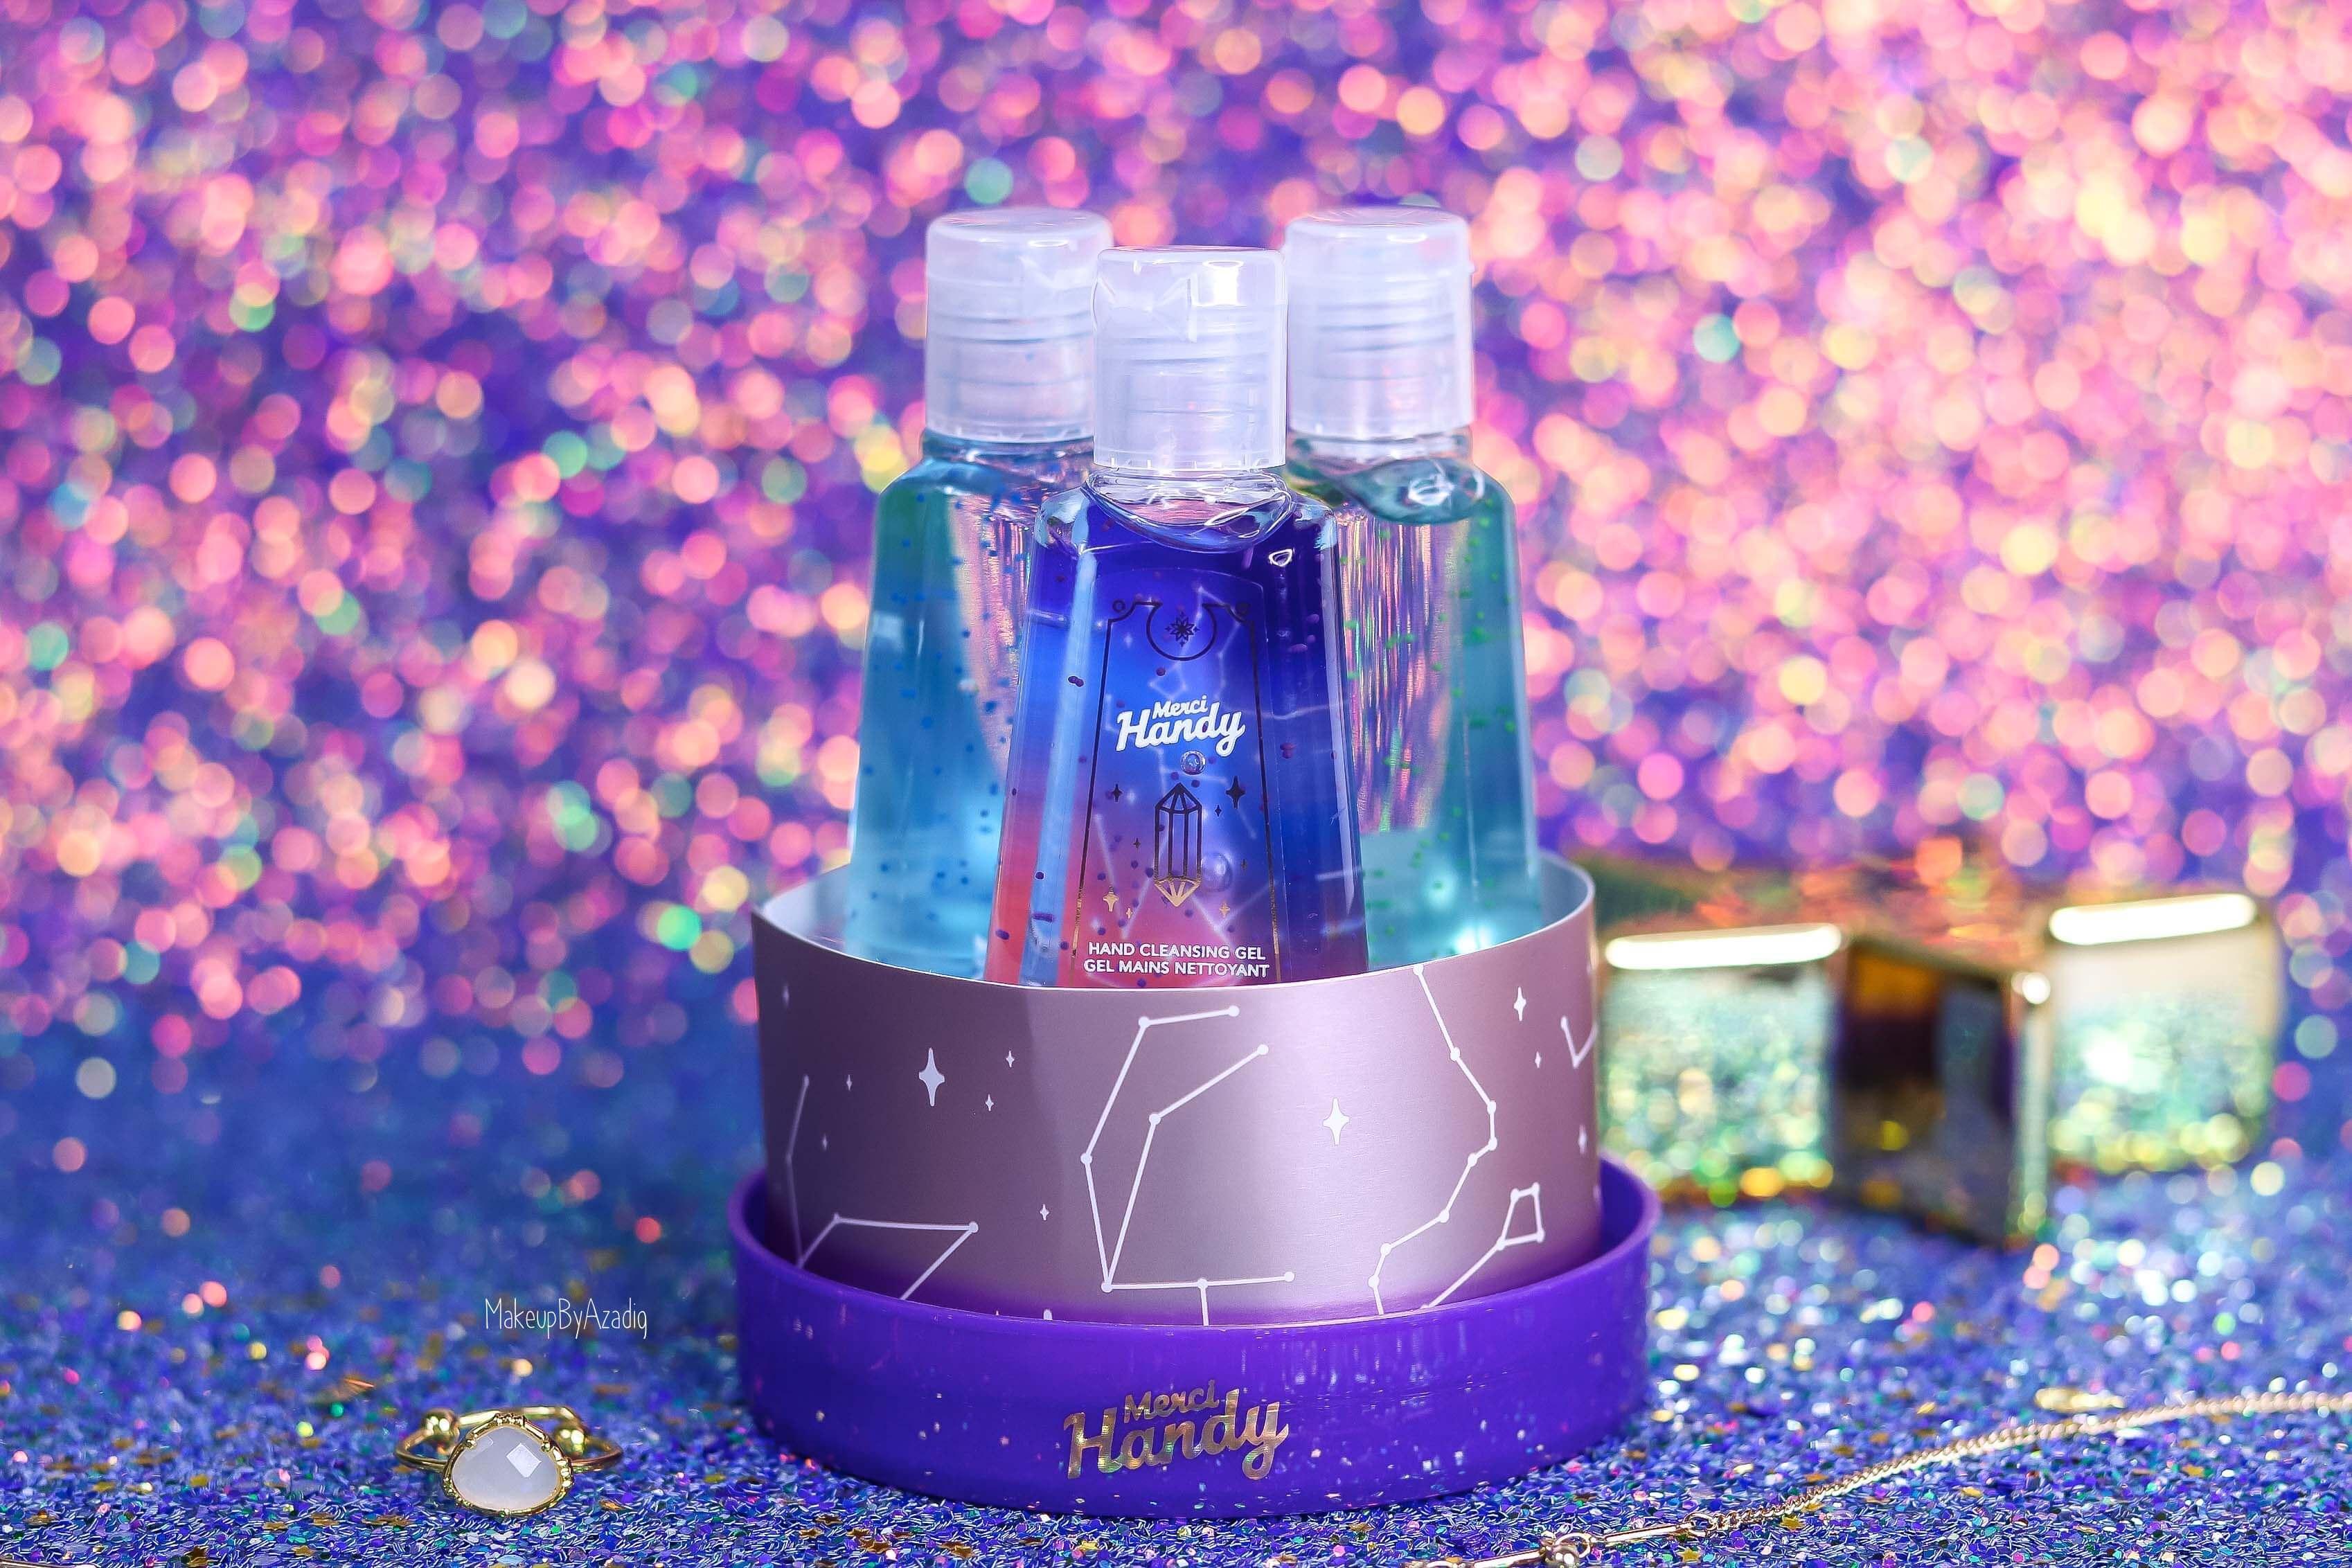 revue-coffret-collection-gel-antibacteriens-merci-handy-crystal-ball-mystique-makeupbyazadig-new-avis-prix-senteur-sephora-france-packaging